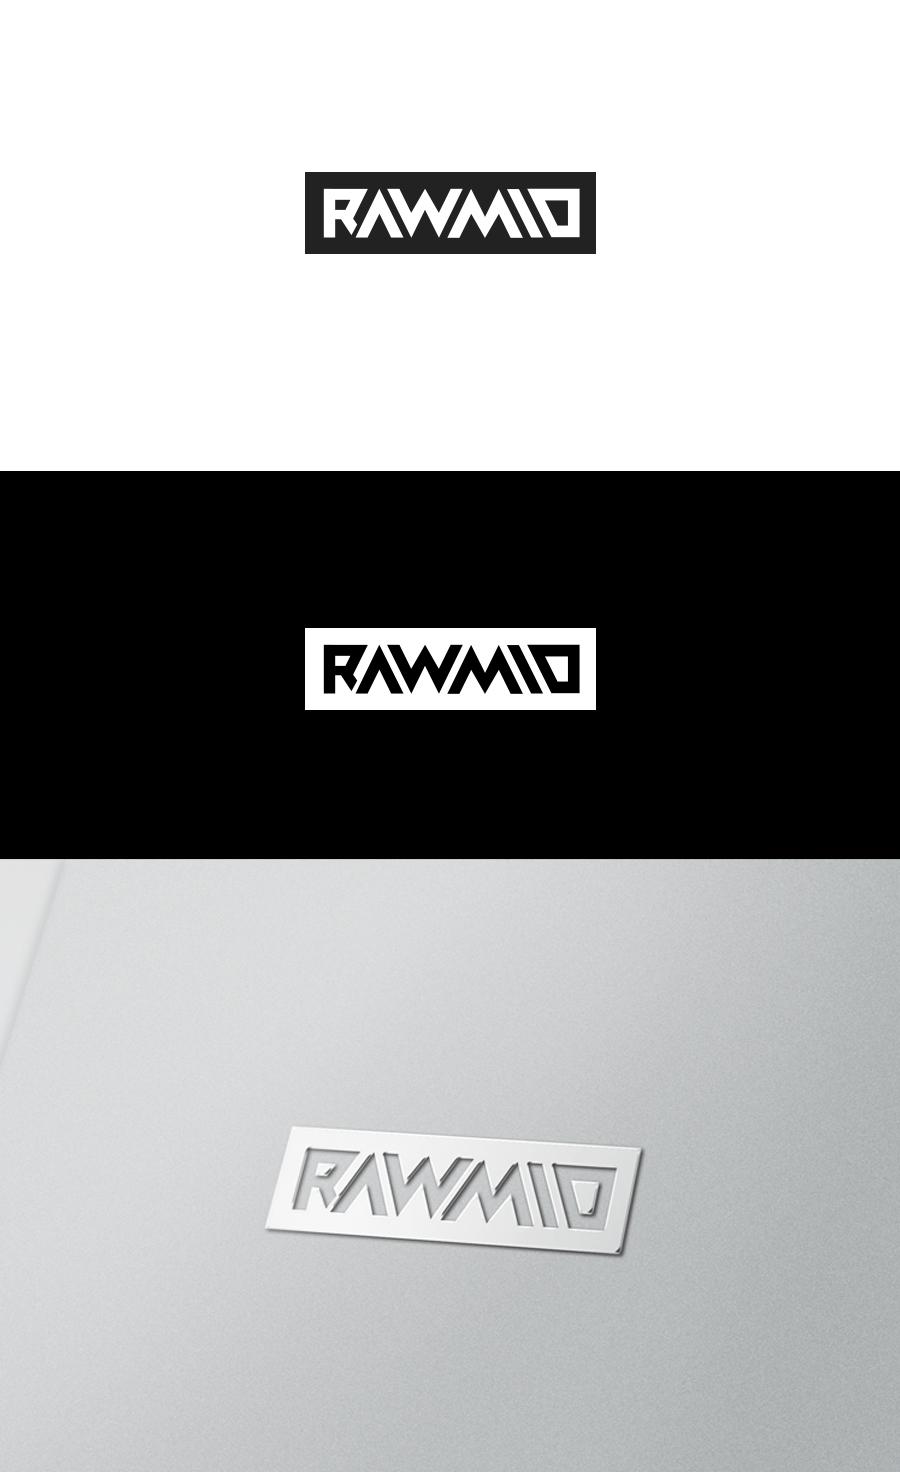 Создать логотип (буквенная часть) для бренда бытовой техники фото f_8245b49f3022e410.jpg